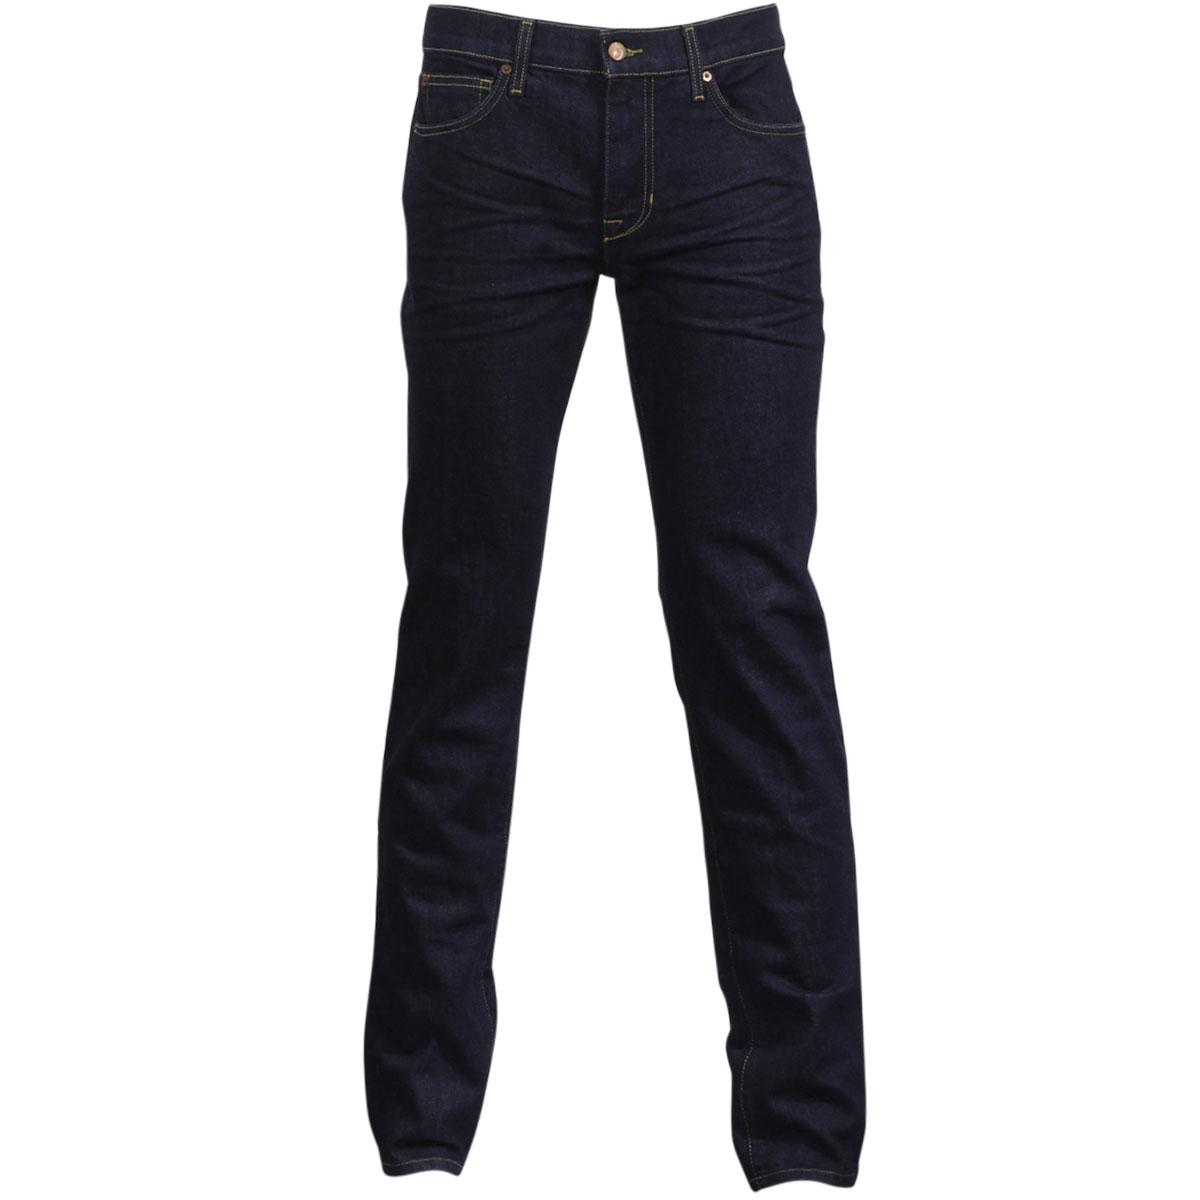 Joe/'s The Brixton Straight /& Narrow Jeans Peacoat NWT $179